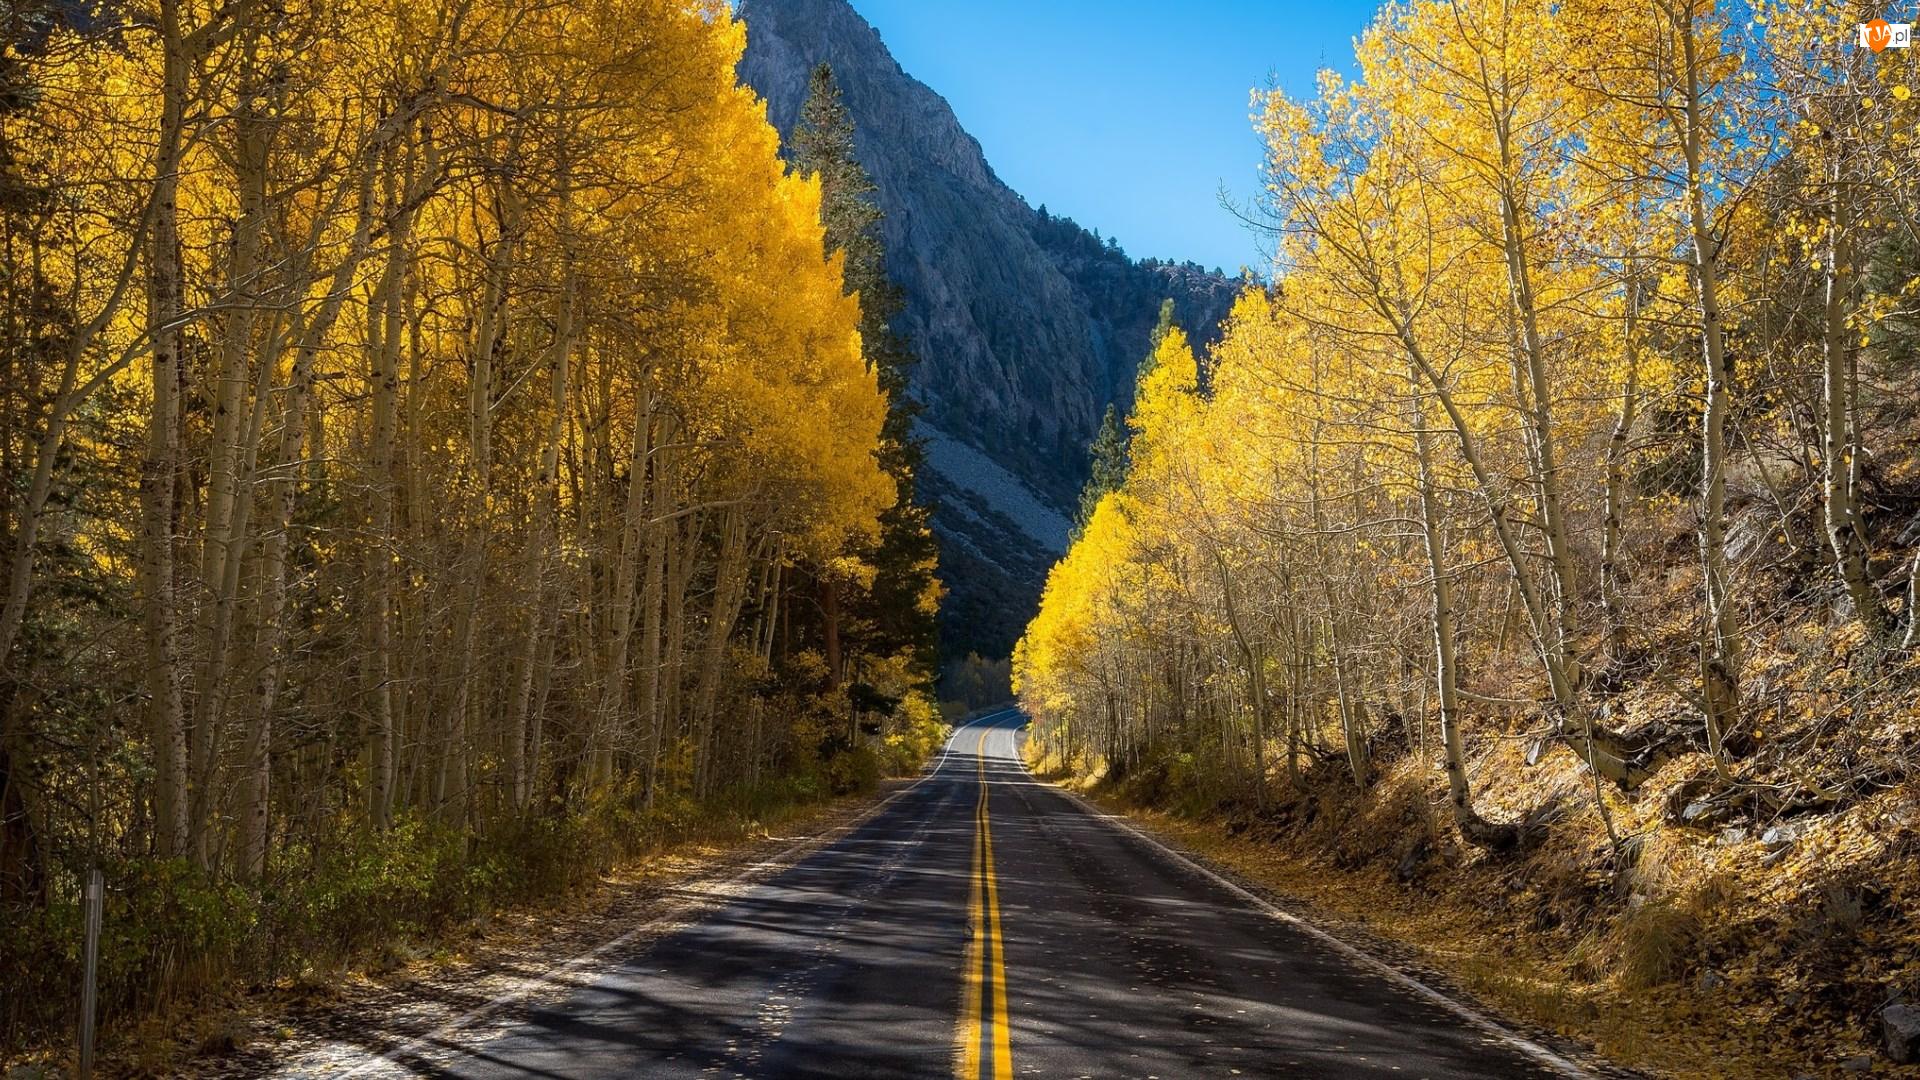 Góry, Droga, Drzewa, Jesień